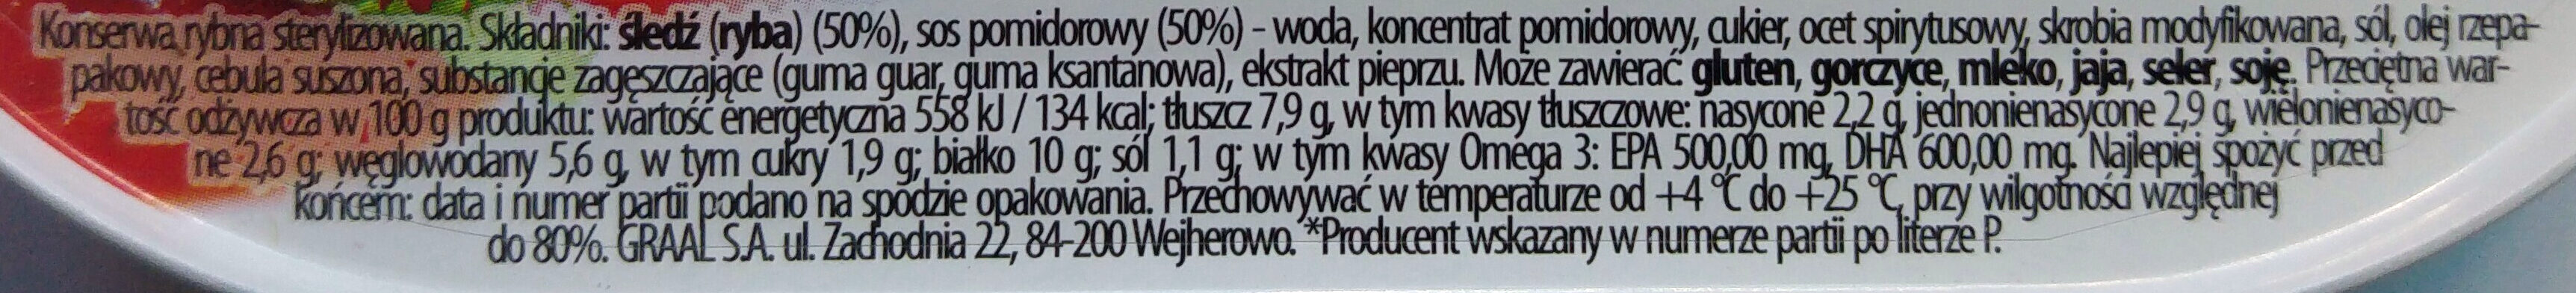 Śledź w sosie pomidorowym. - Ingredients